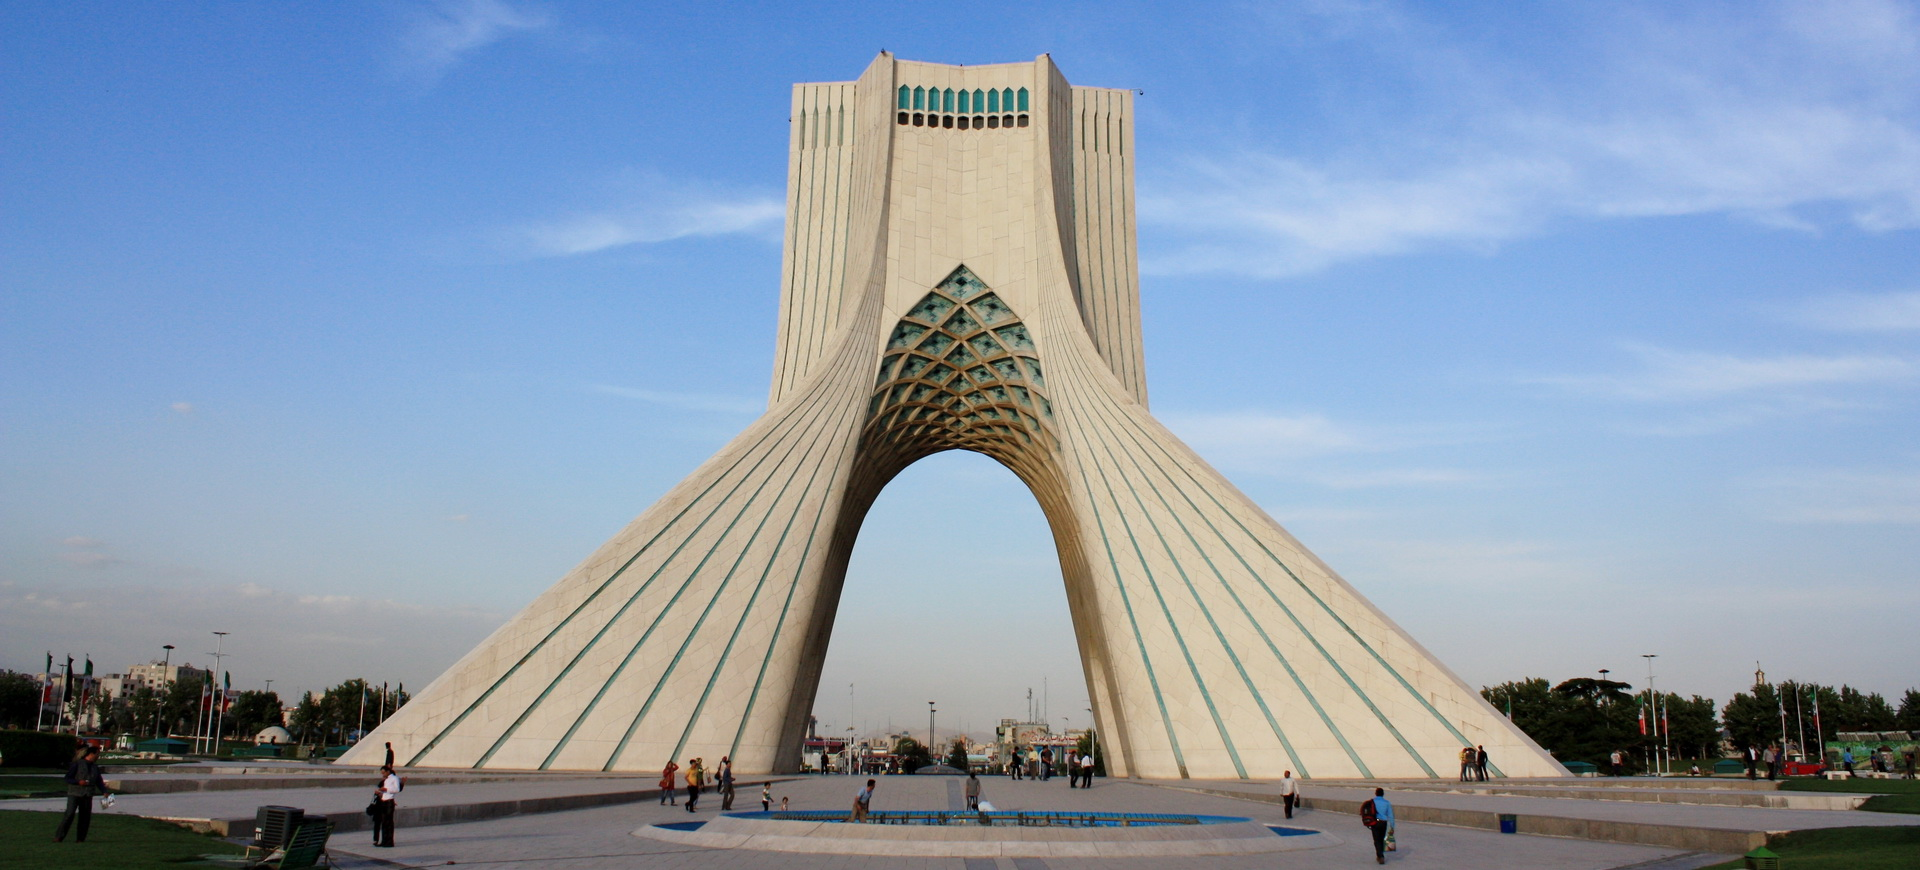 Formalités visa pour groupes en Iran